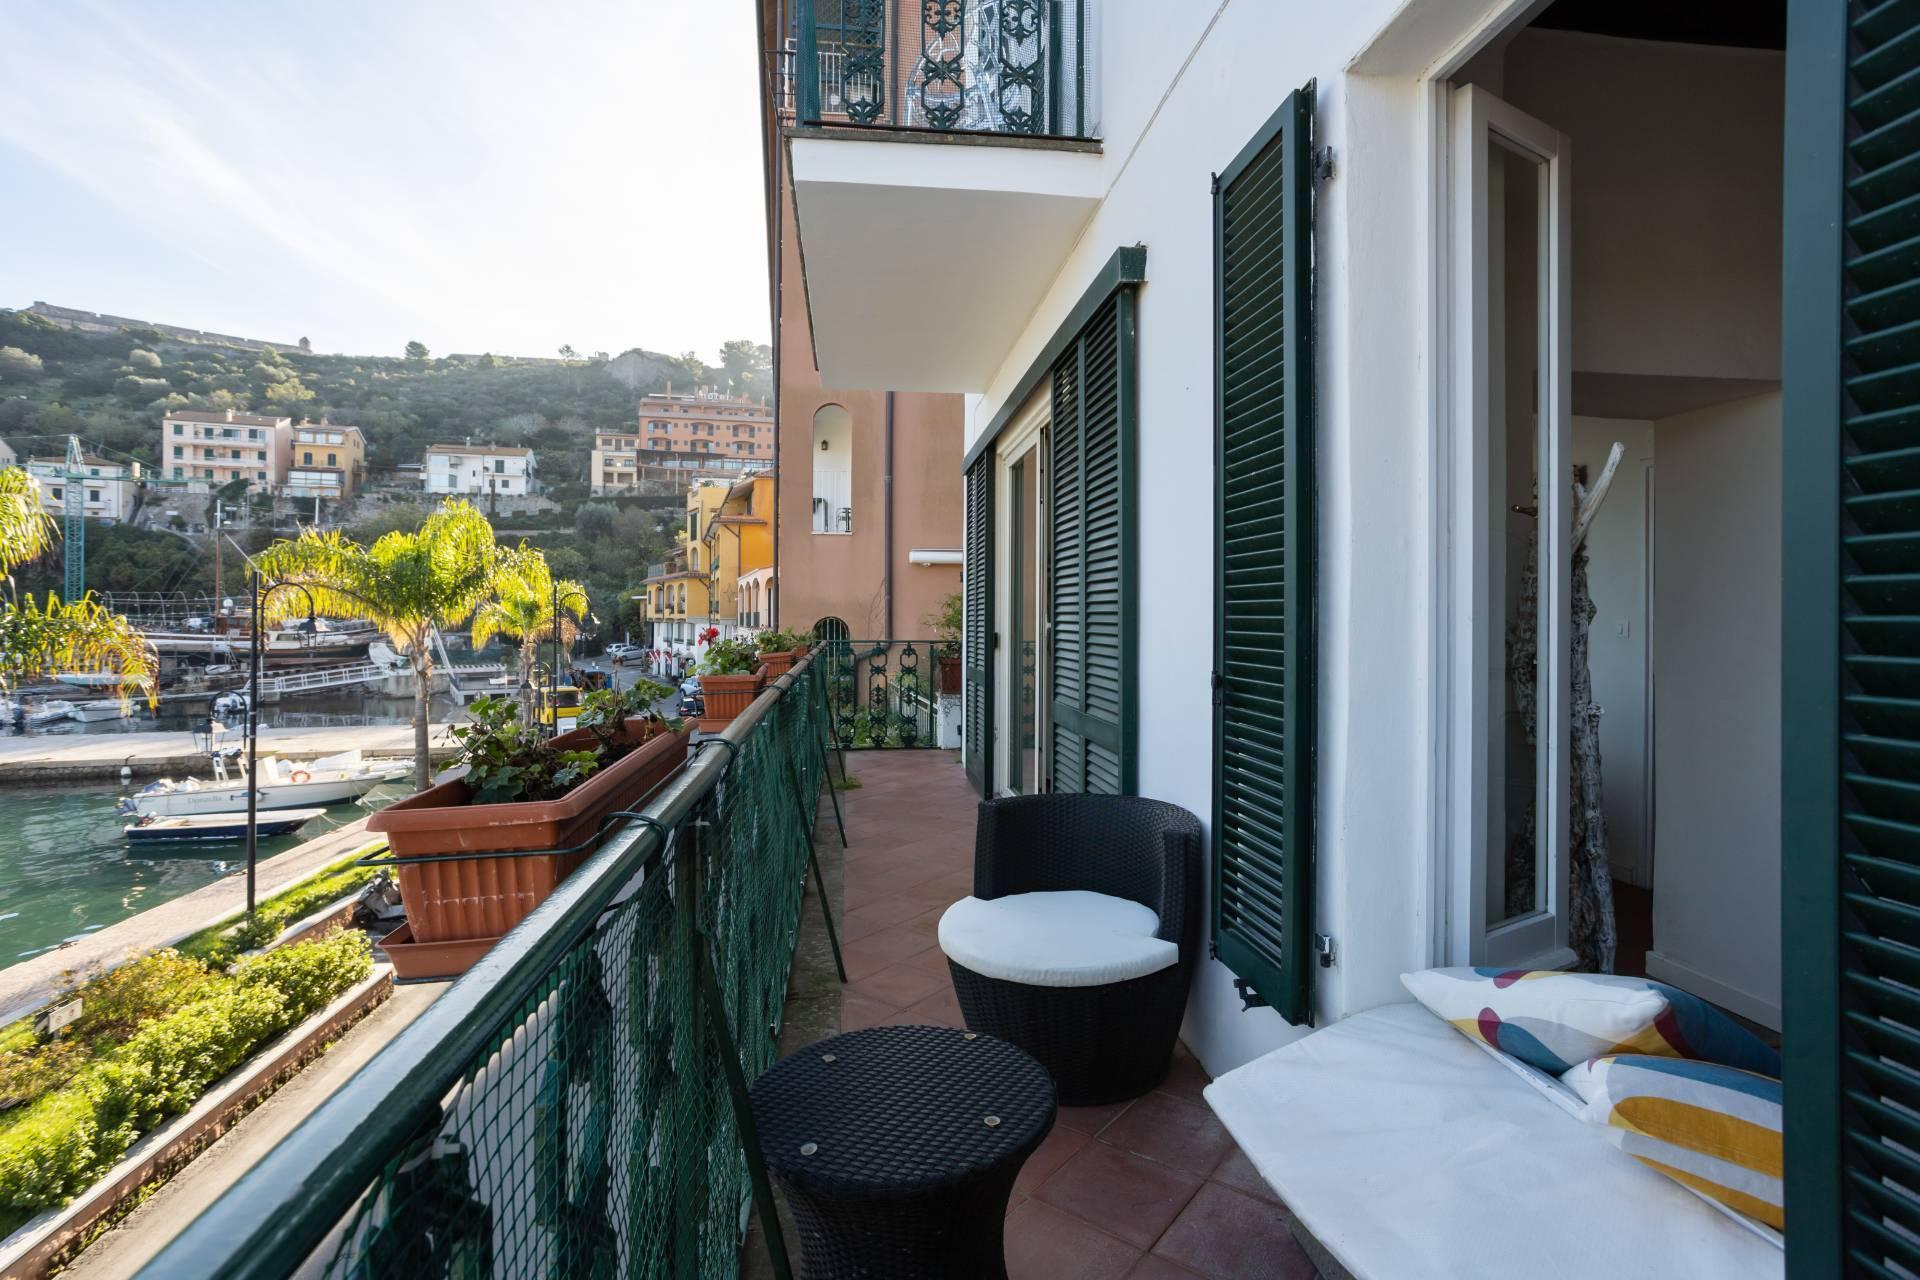 Porto Ercole - Superbe maison familiale en bord  dans un bâtiment historique - 8